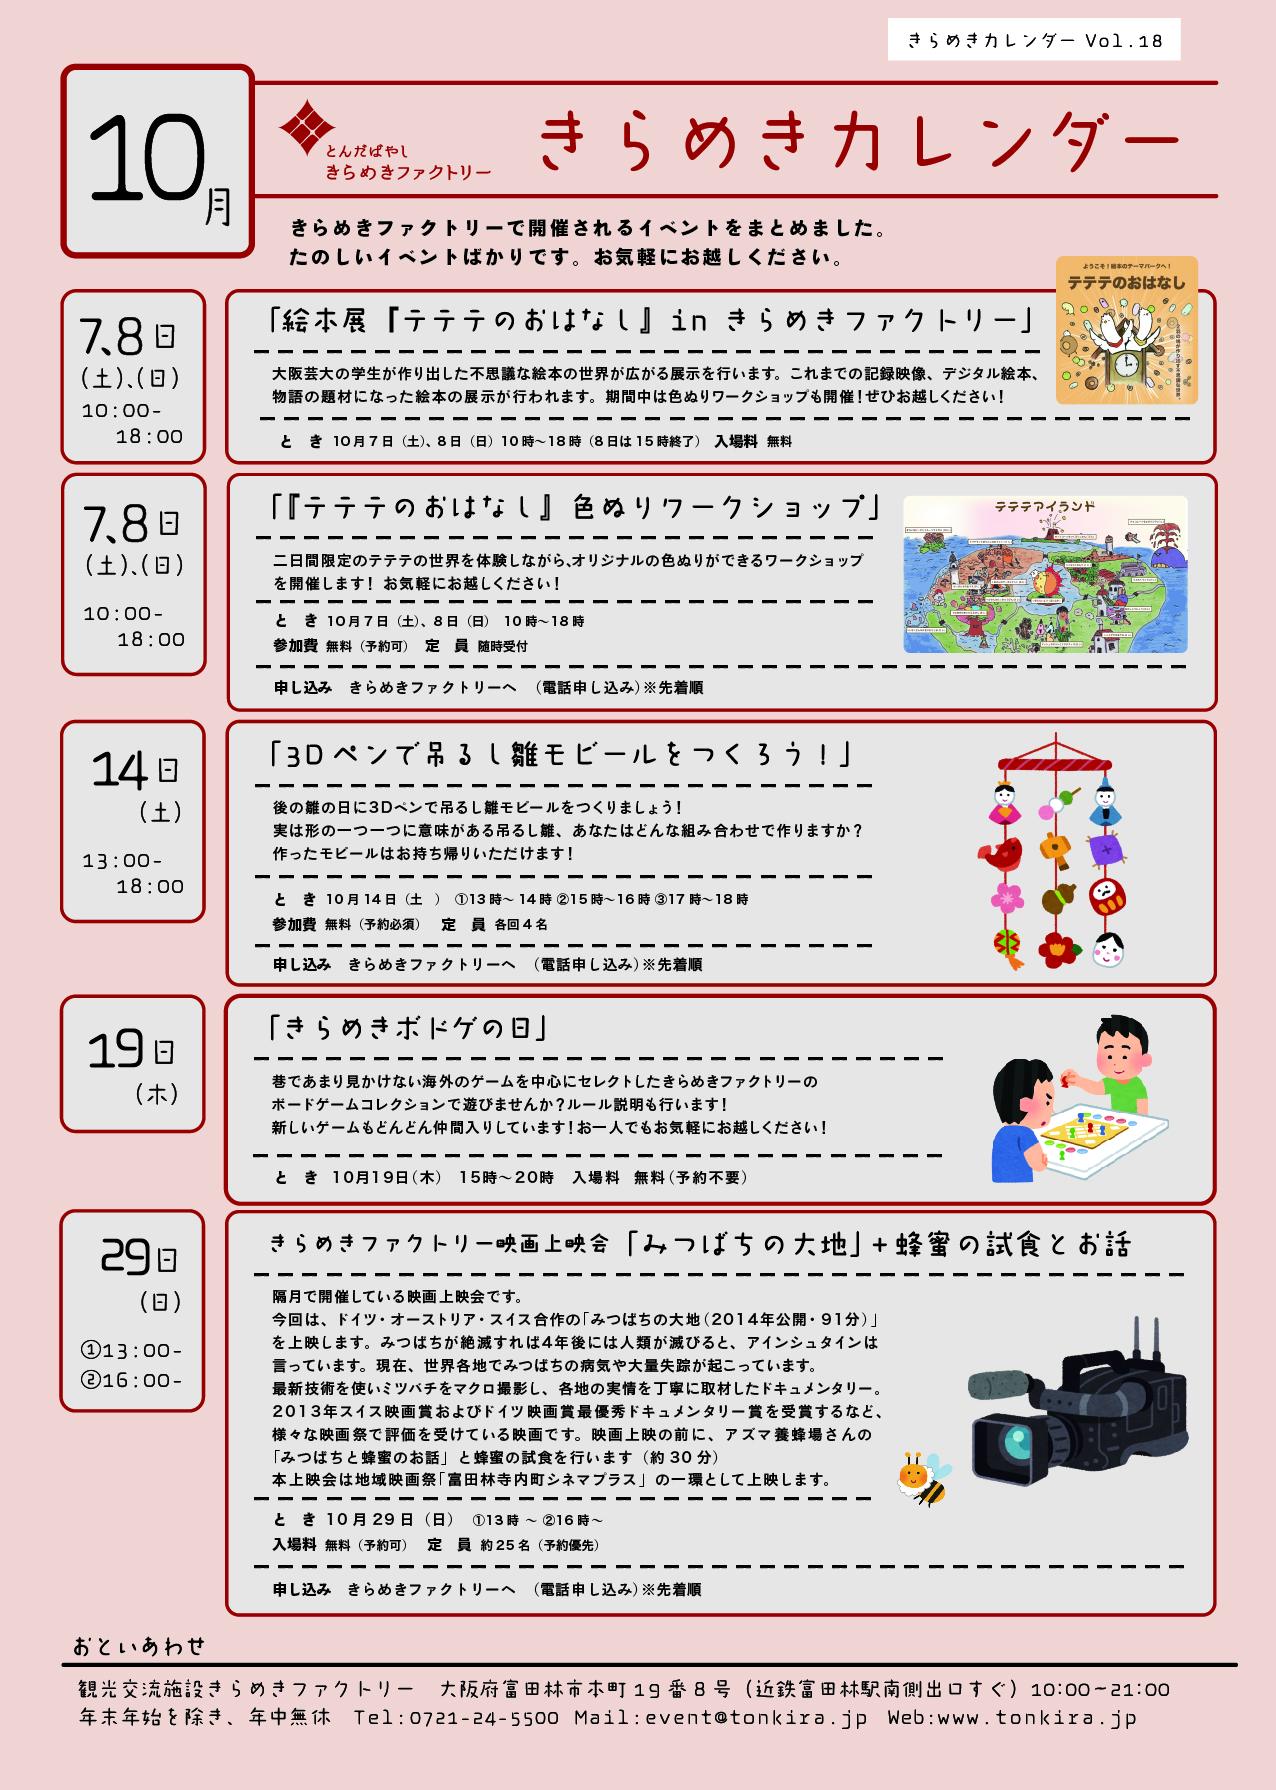 きらめきカレンダー Vol.18